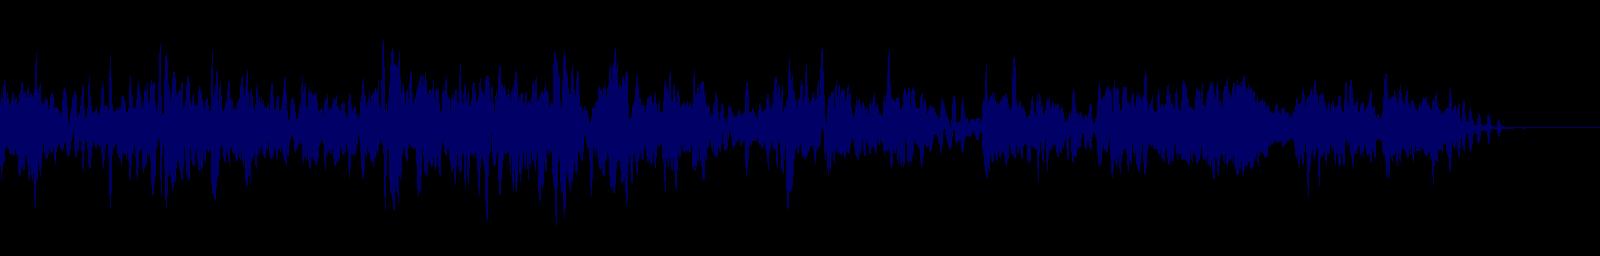 waveform of track #146589